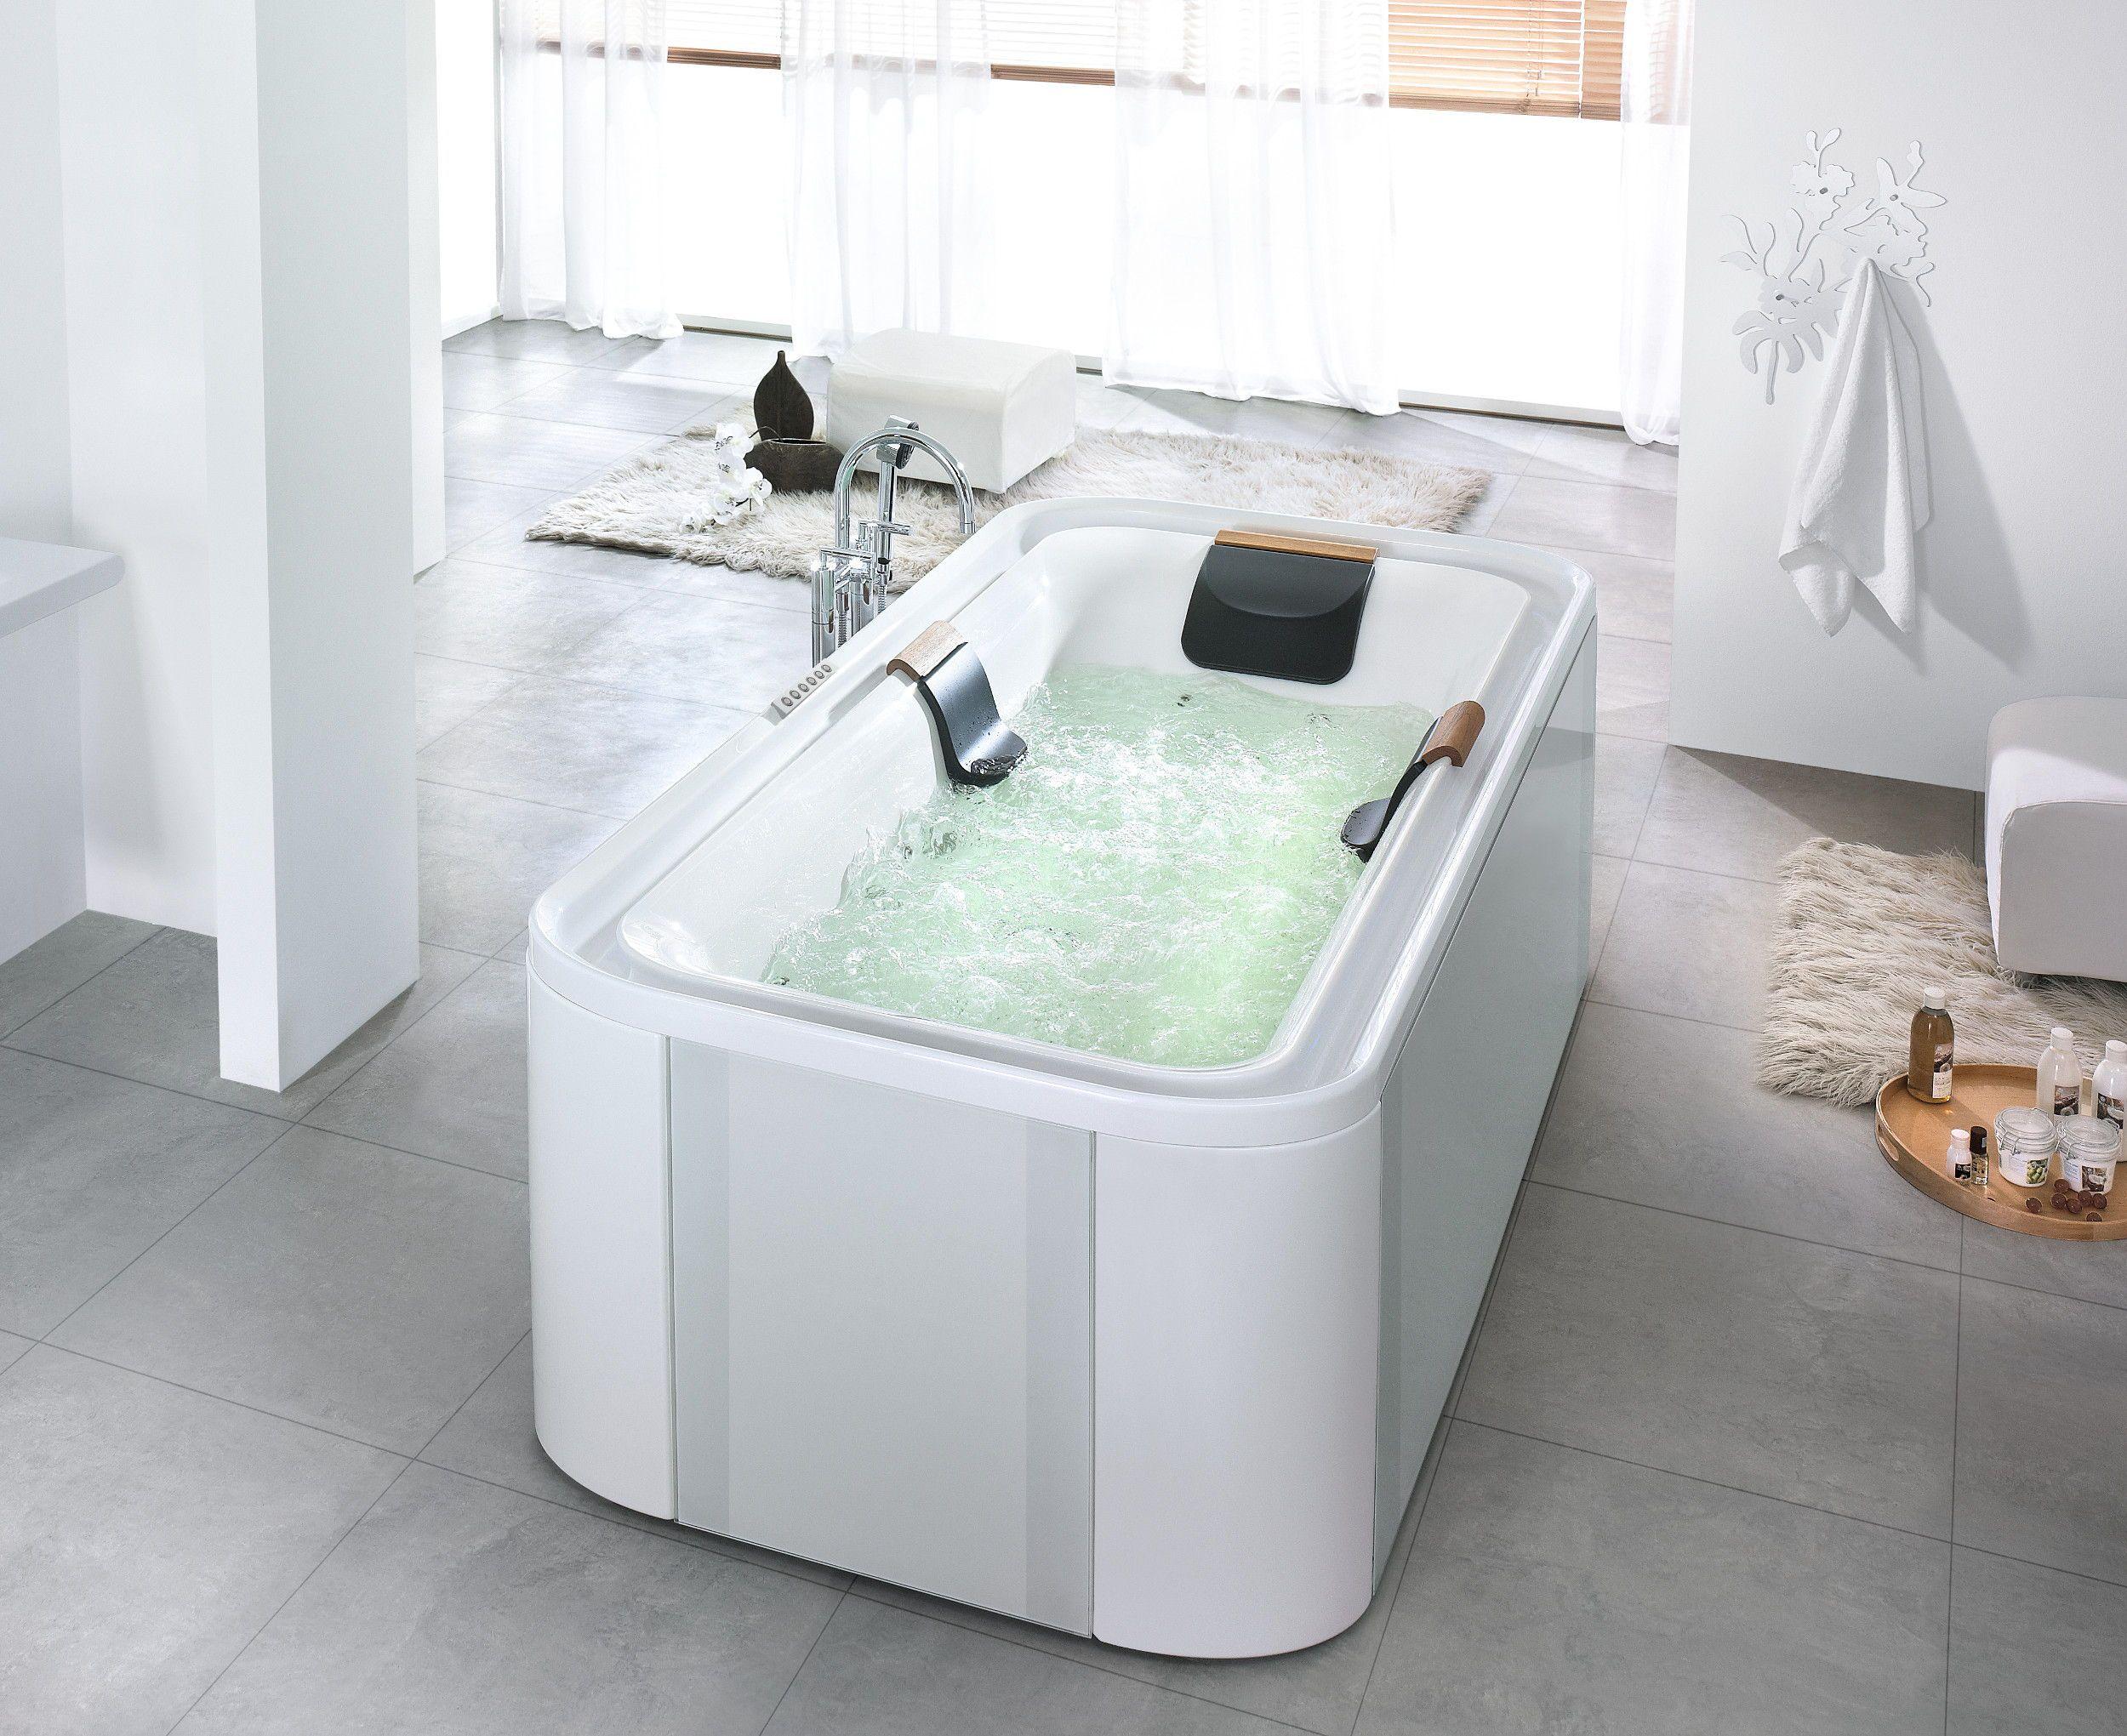 Finde Jetzt Dein Traumbad Wertvolle Tipps Von Der Planung Bis Zur Umsetzung Badezimmer Freistehende Badewanne Und Freistehende Wanne